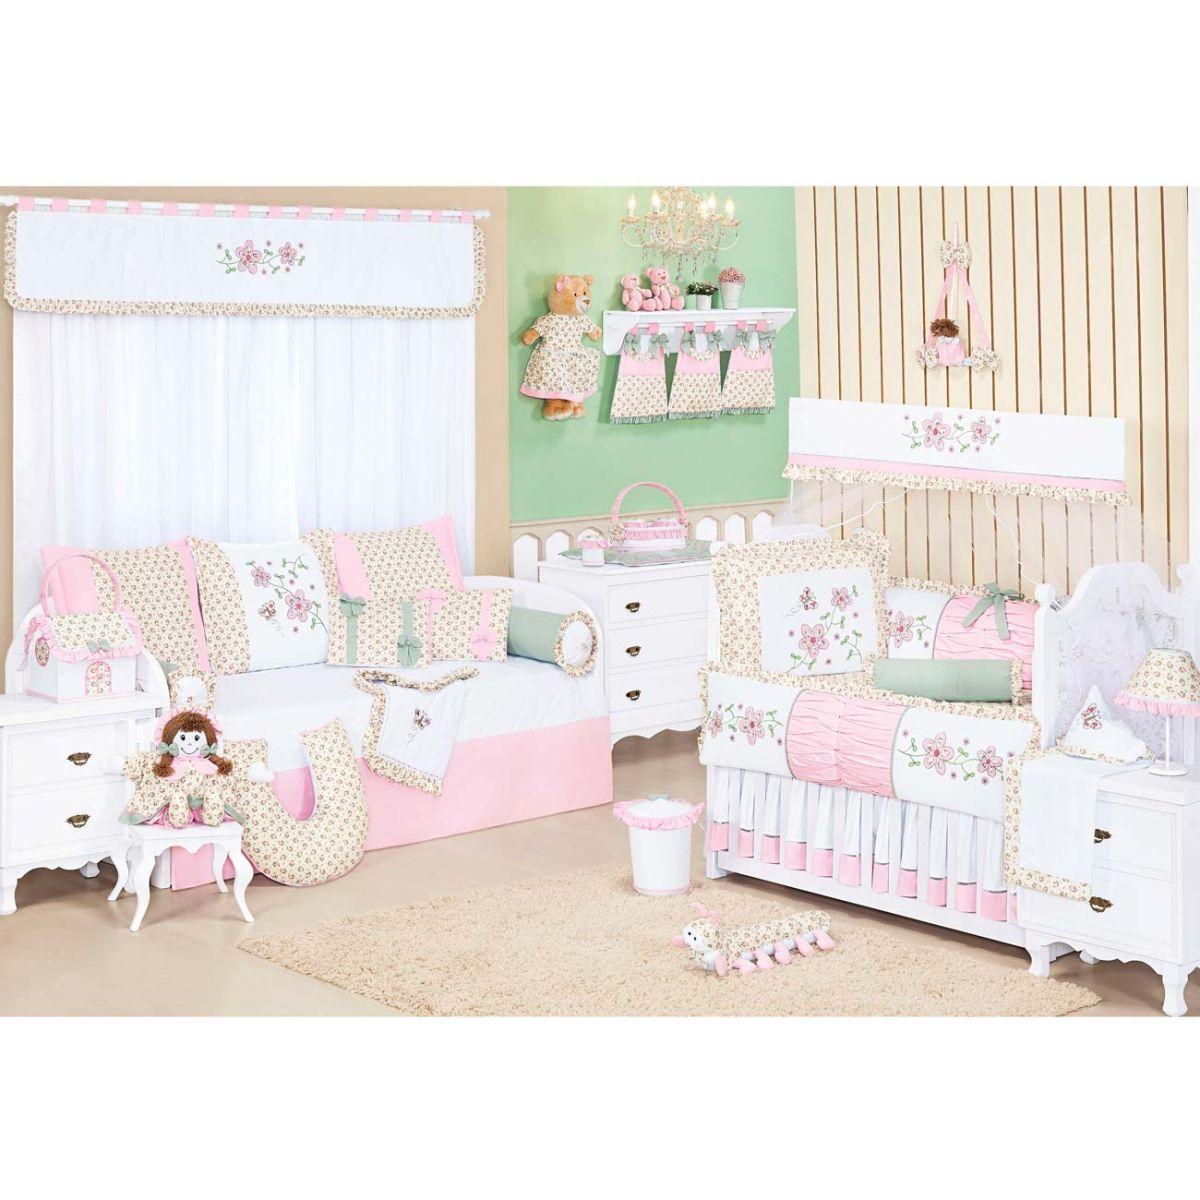 Kit Cama Babá 08 Peças Coleção Baby Florence 100% Algodão - Rosa